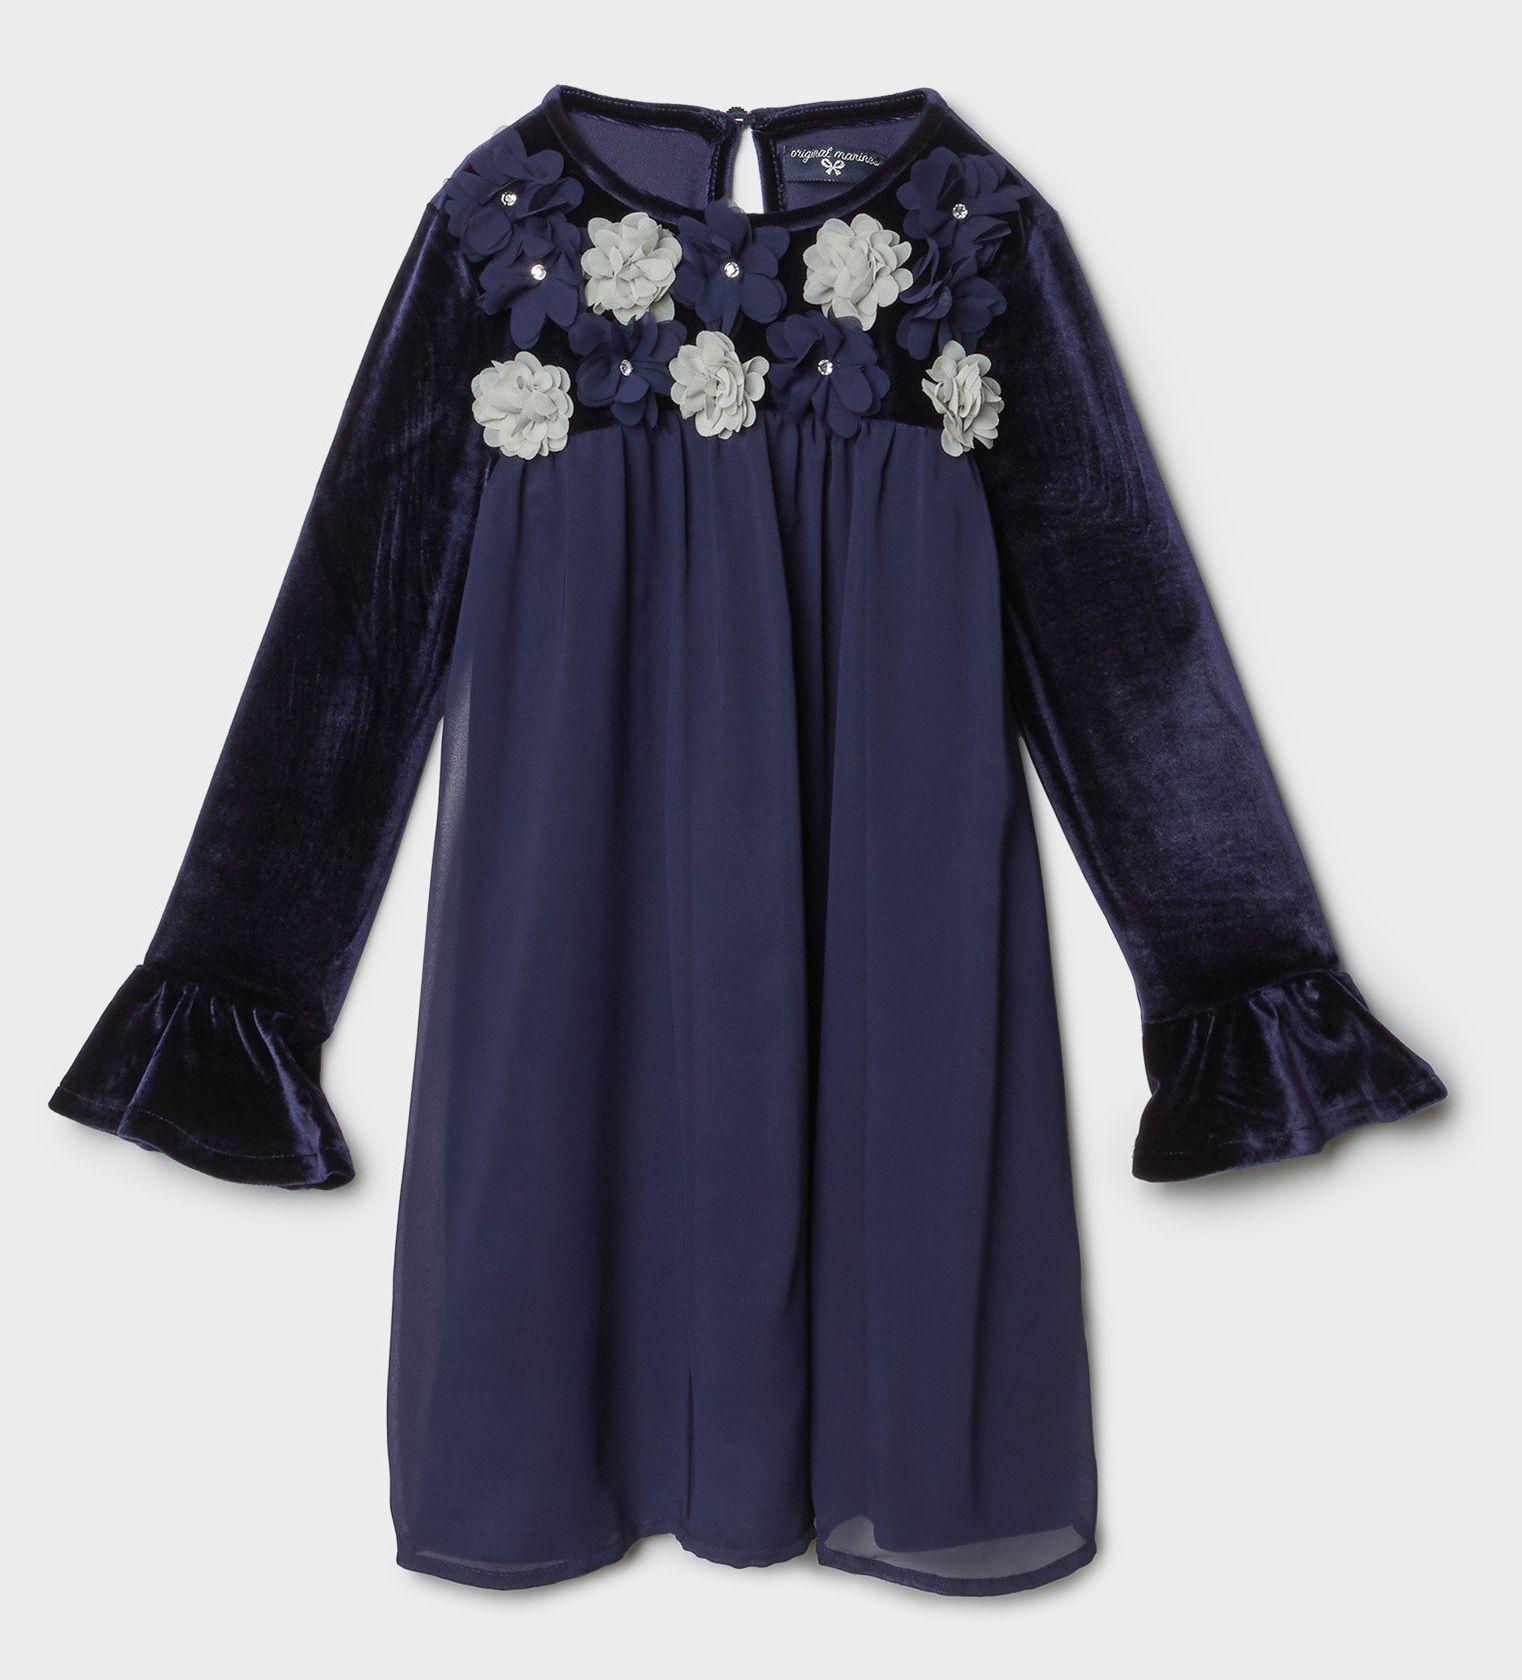 Купить Платье Original Marines, синий, 116, Девочки, зима